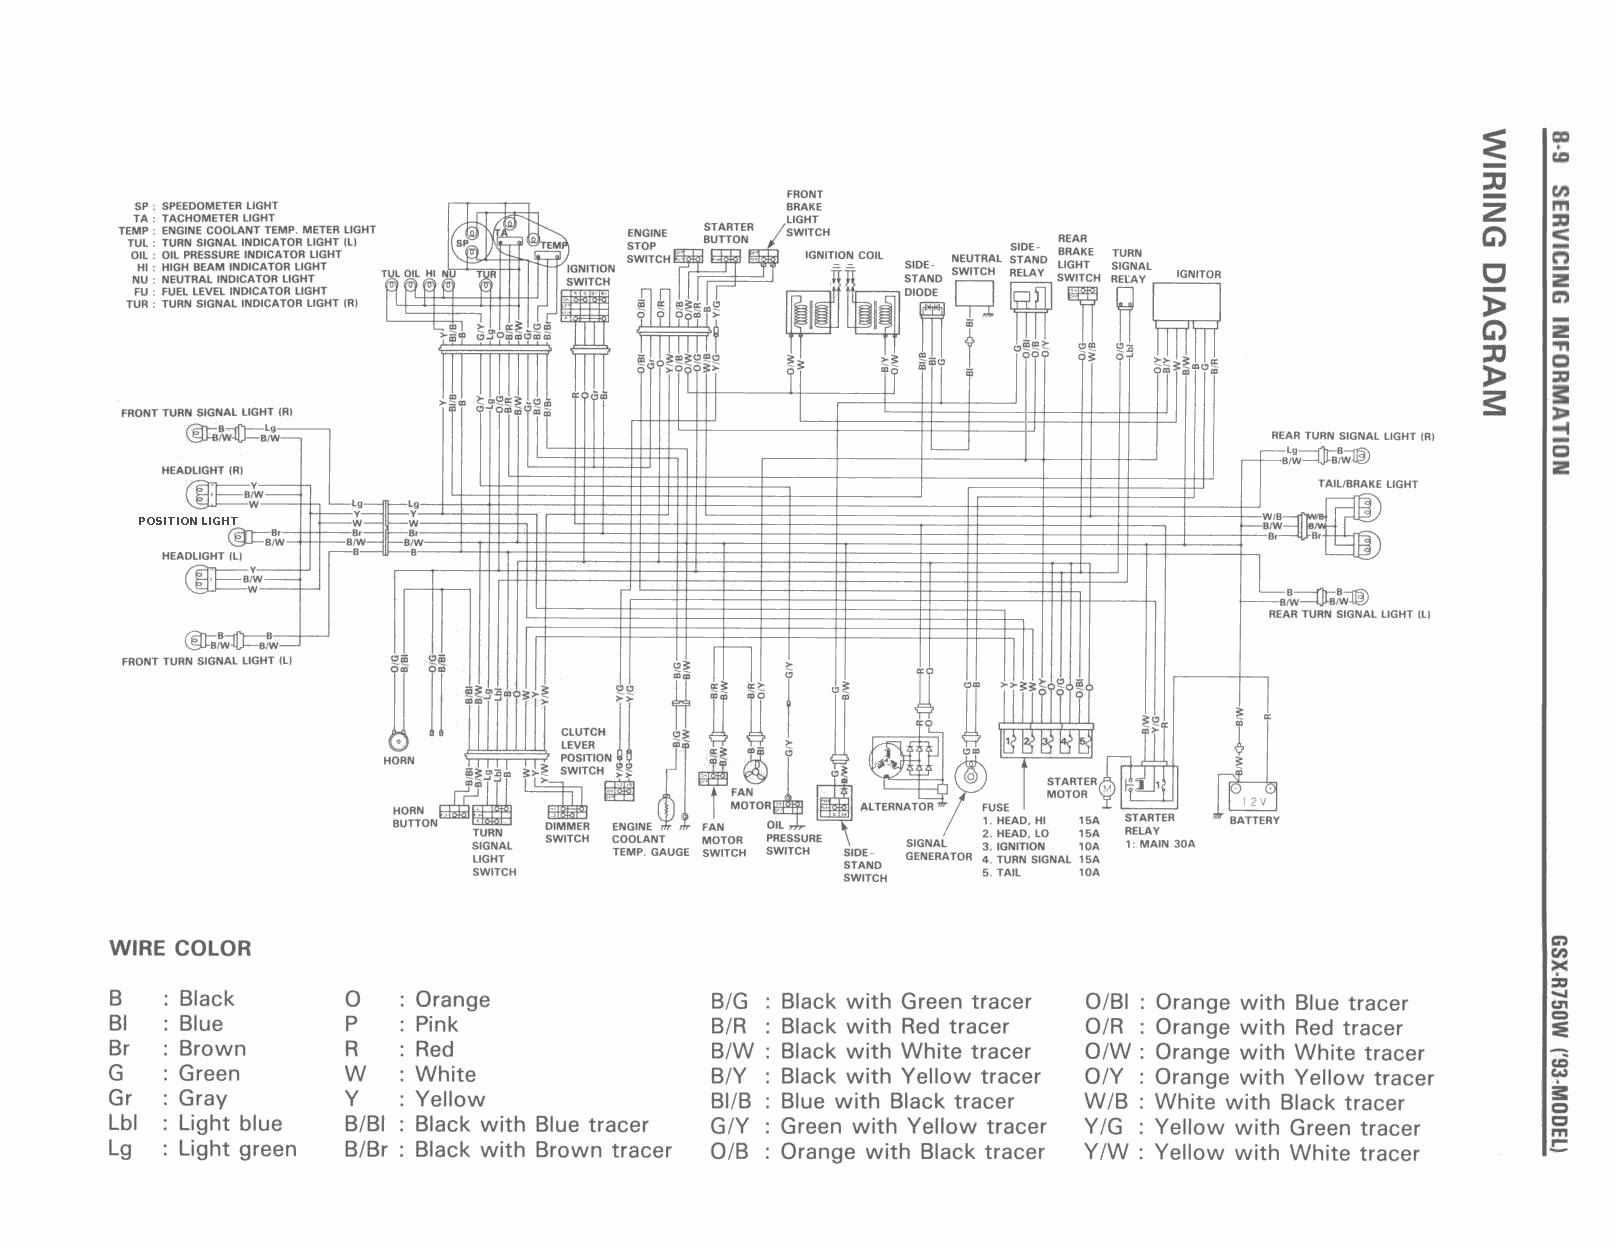 Rf900r Wiring Diagram Gn250 Dr350 1999 Suzuki Tl1000r Snap 1997 Gsxr 600 Rf 900 R